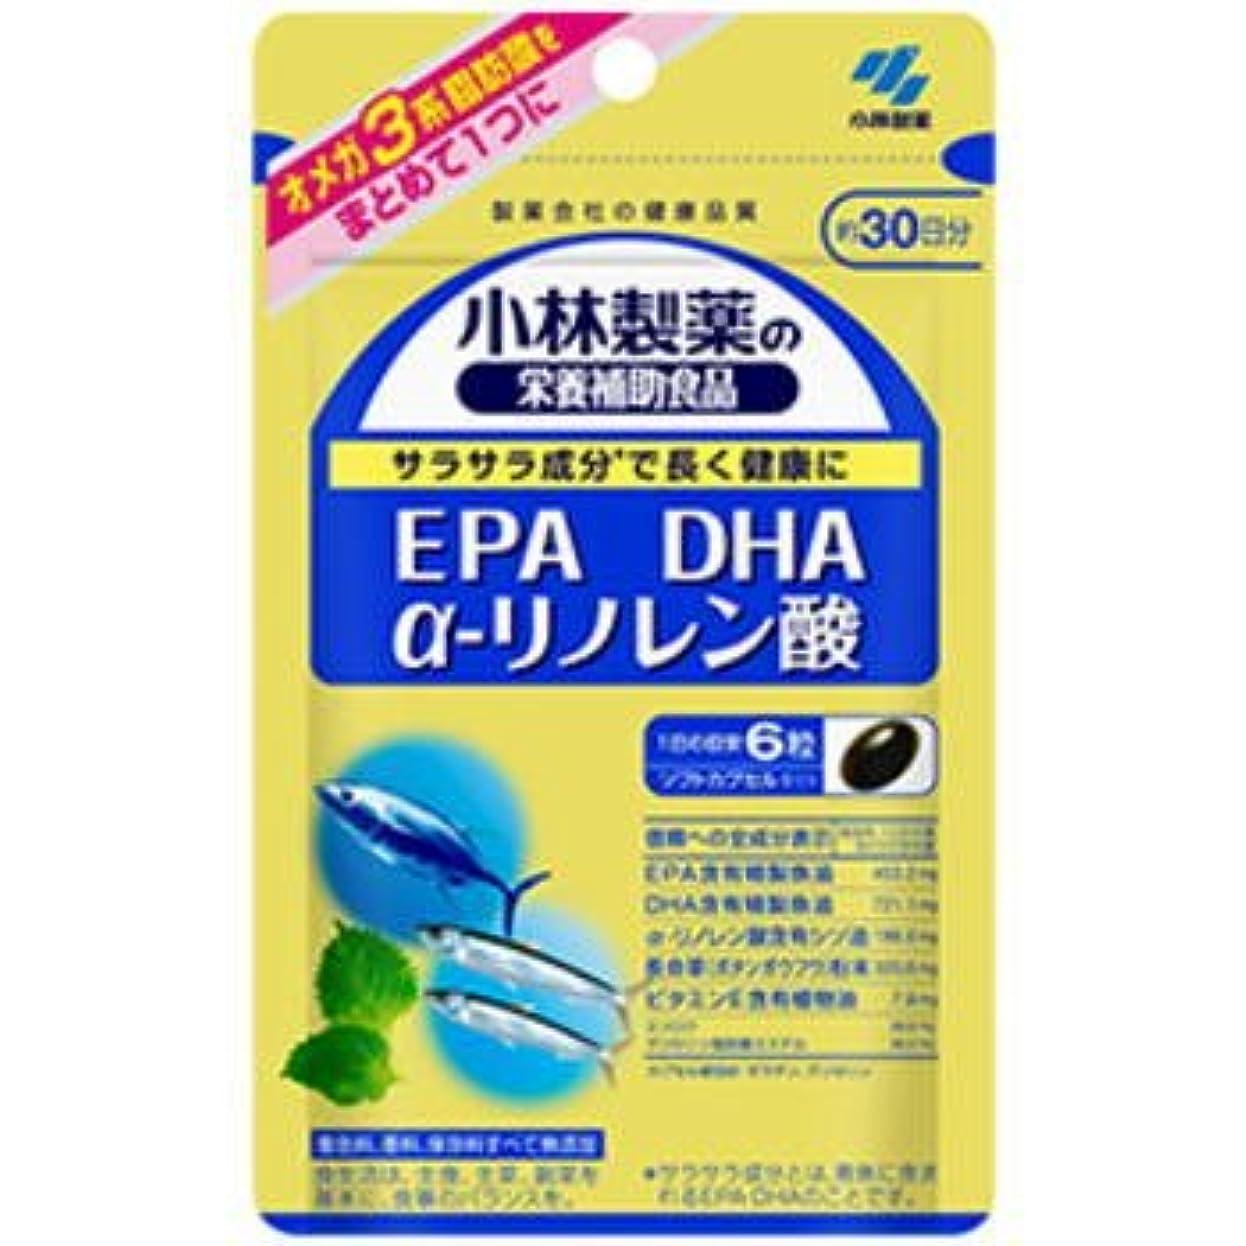 ギター大脳失効小林製薬 EPA DHA α-リノレン酸 180粒×3個セット【ネコポス発送】